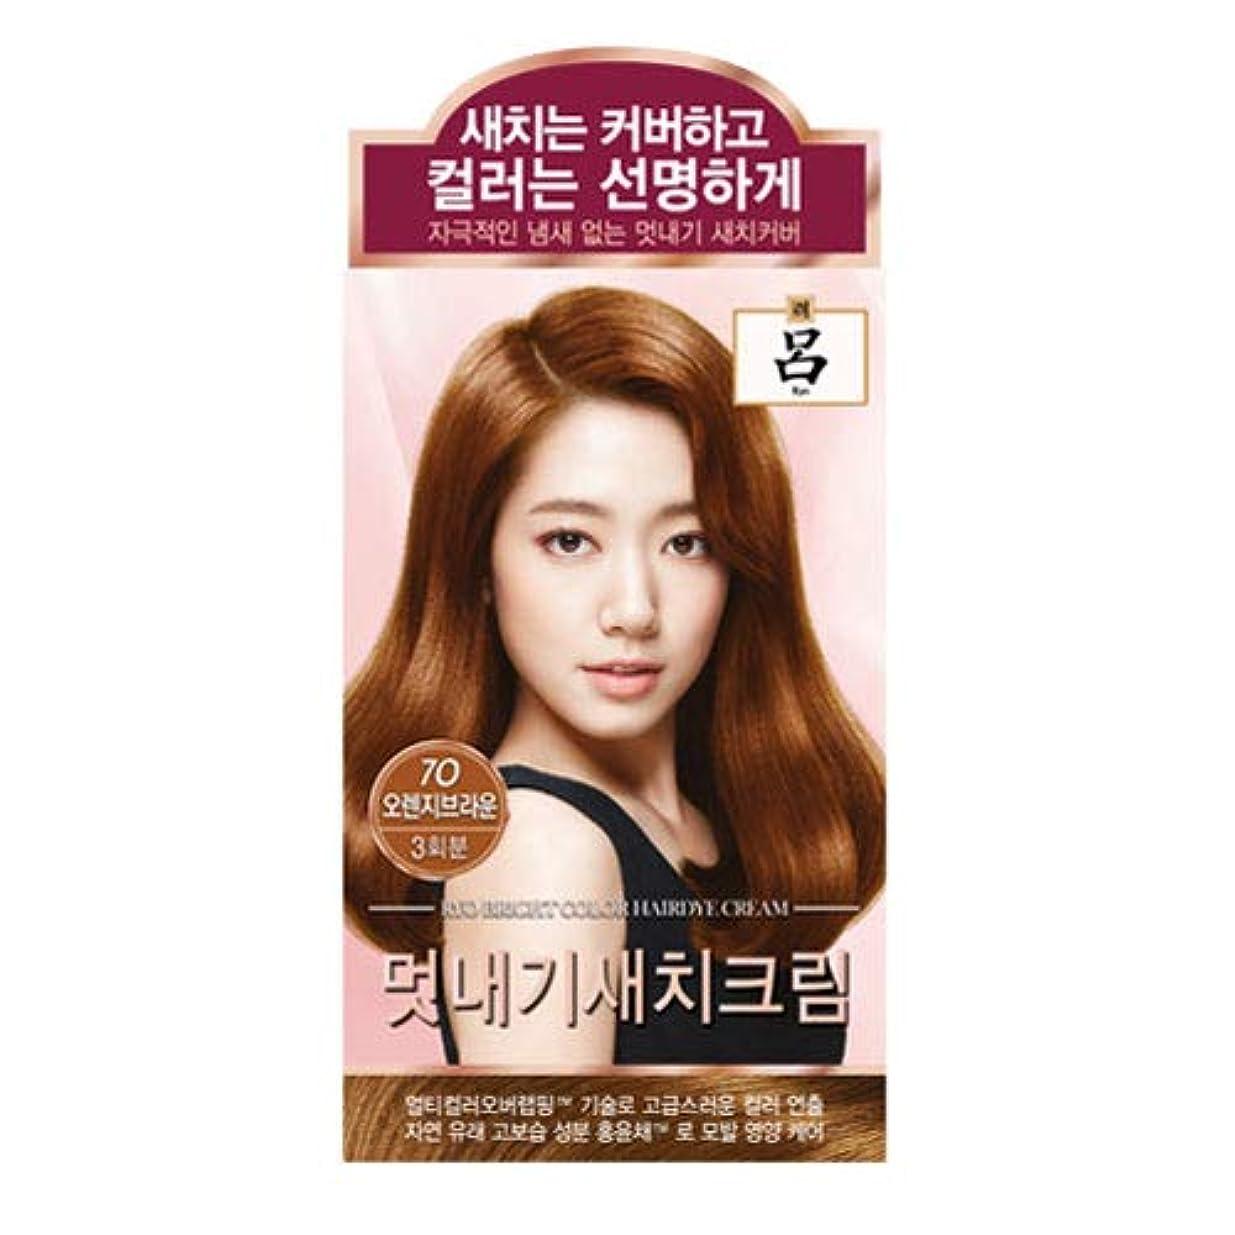 書店圧縮されたコインランドリーアモーレパシフィック呂[AMOREPACIFIC/Ryo] ブライトカラーヘアアイクリーム 7O オレンジブラウン/Bright Color Hairdye Cream 7O Orange Brown